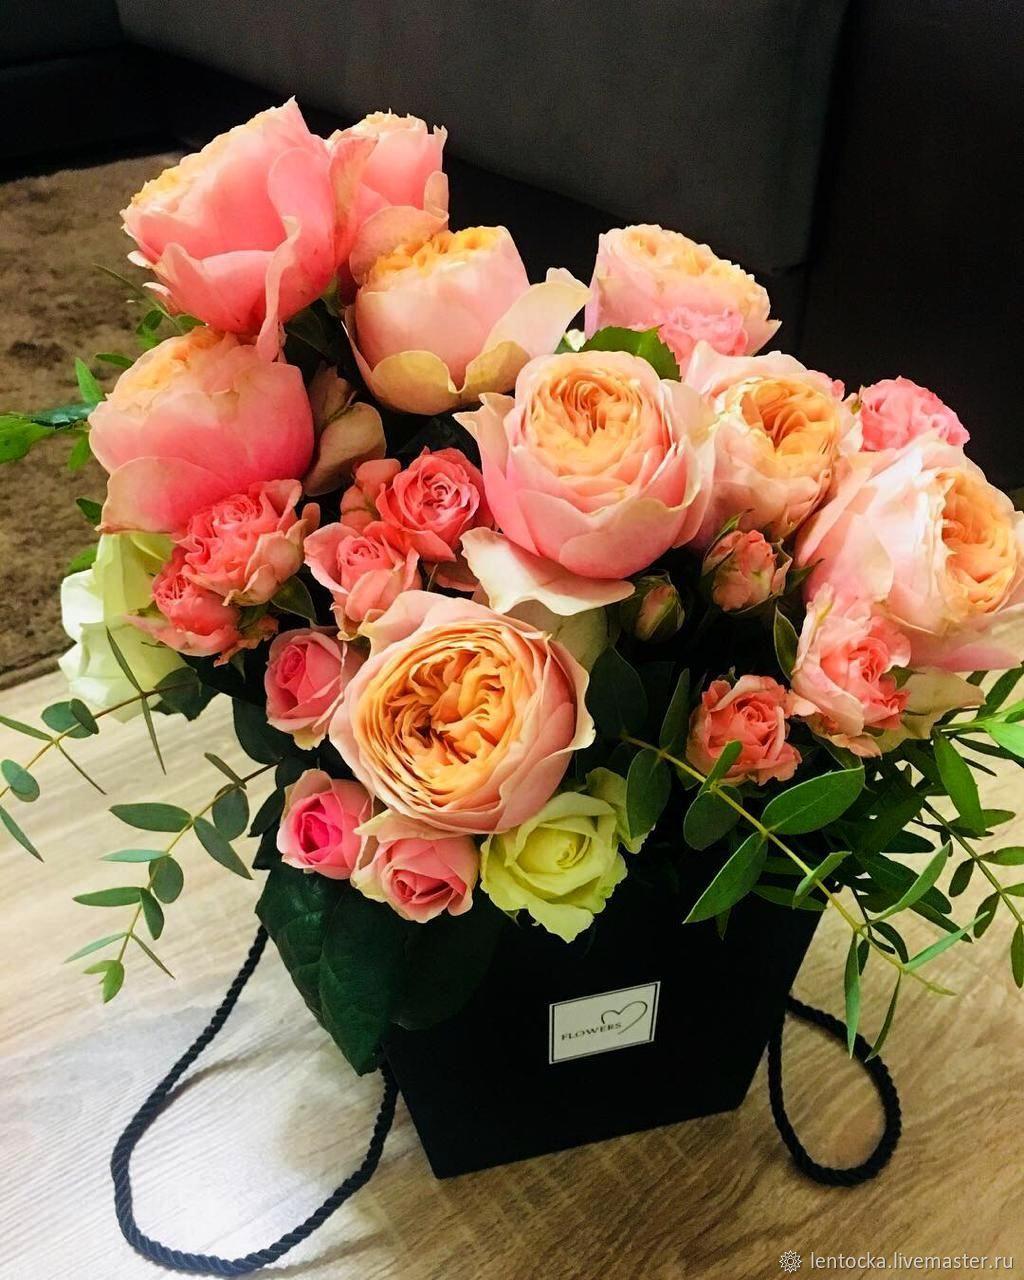 Цветы. Розы садовые в сумке чёрной с ручками.